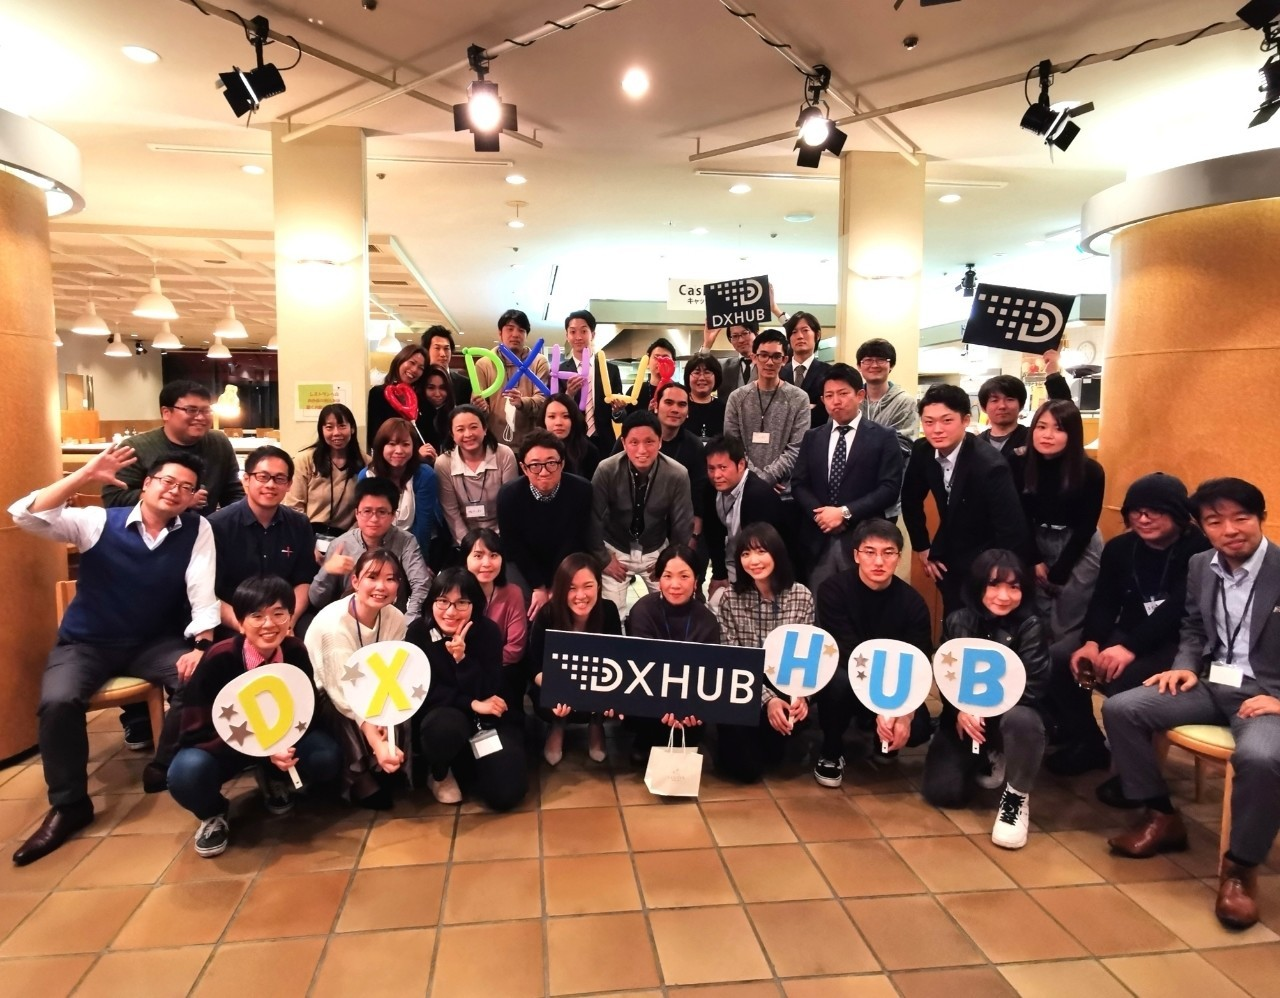 発足会とパーティーを開催しました。|DX HUB sawada|note